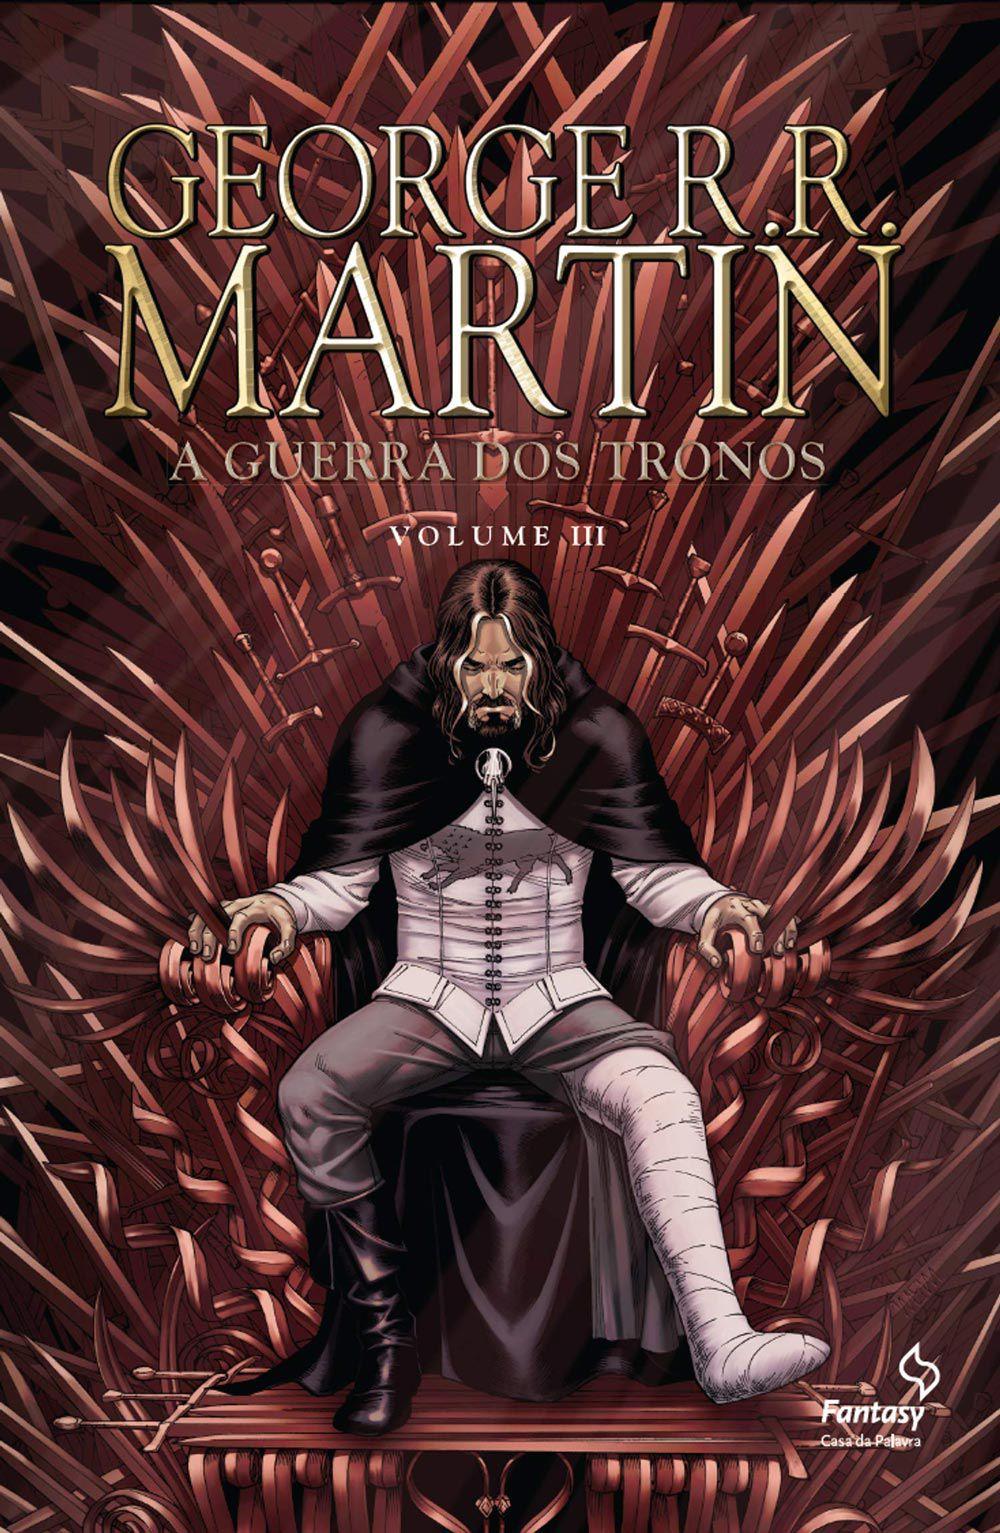 A Guerra dos Tronos Volume 3